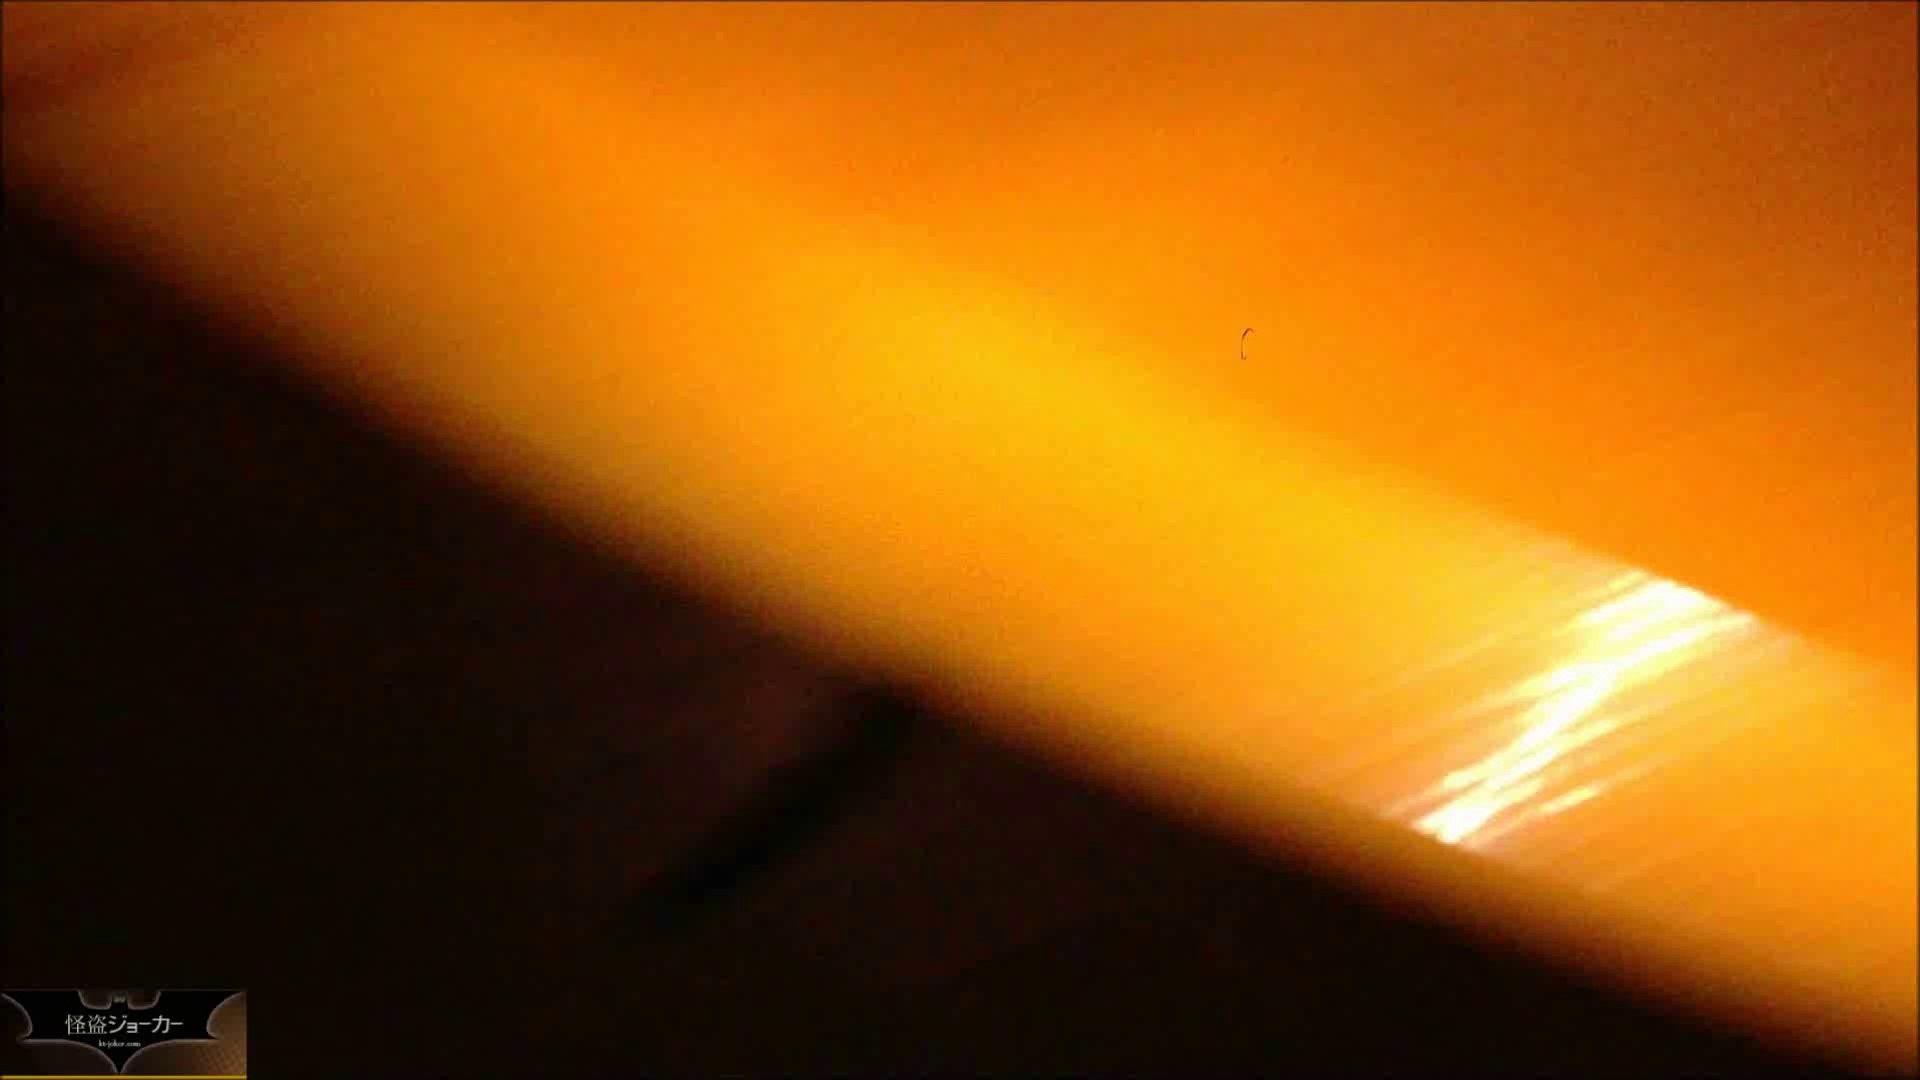 【未公開】vol.74 {西野カナ似の美系大学生}Y・Iちゃん② 丸見え | ギャル達  96枚 1